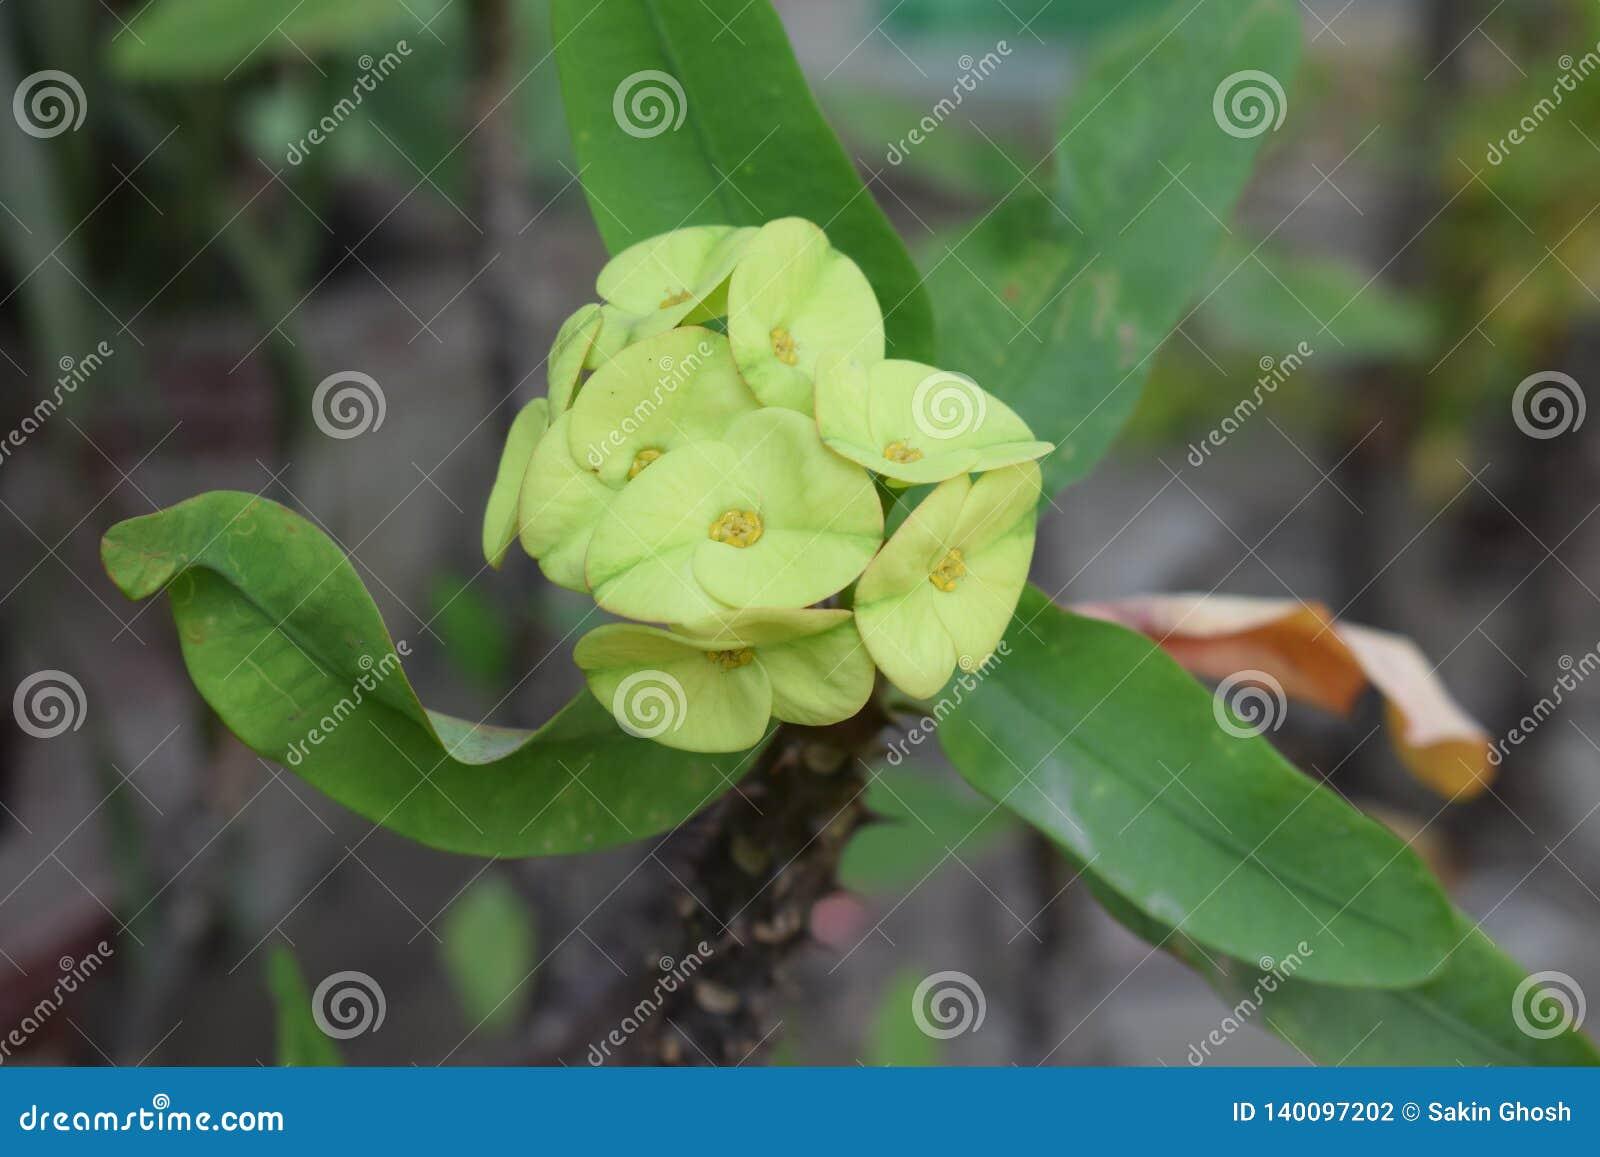 Exotiska grönaktiga gula blommor blomstrade i en taggig växt